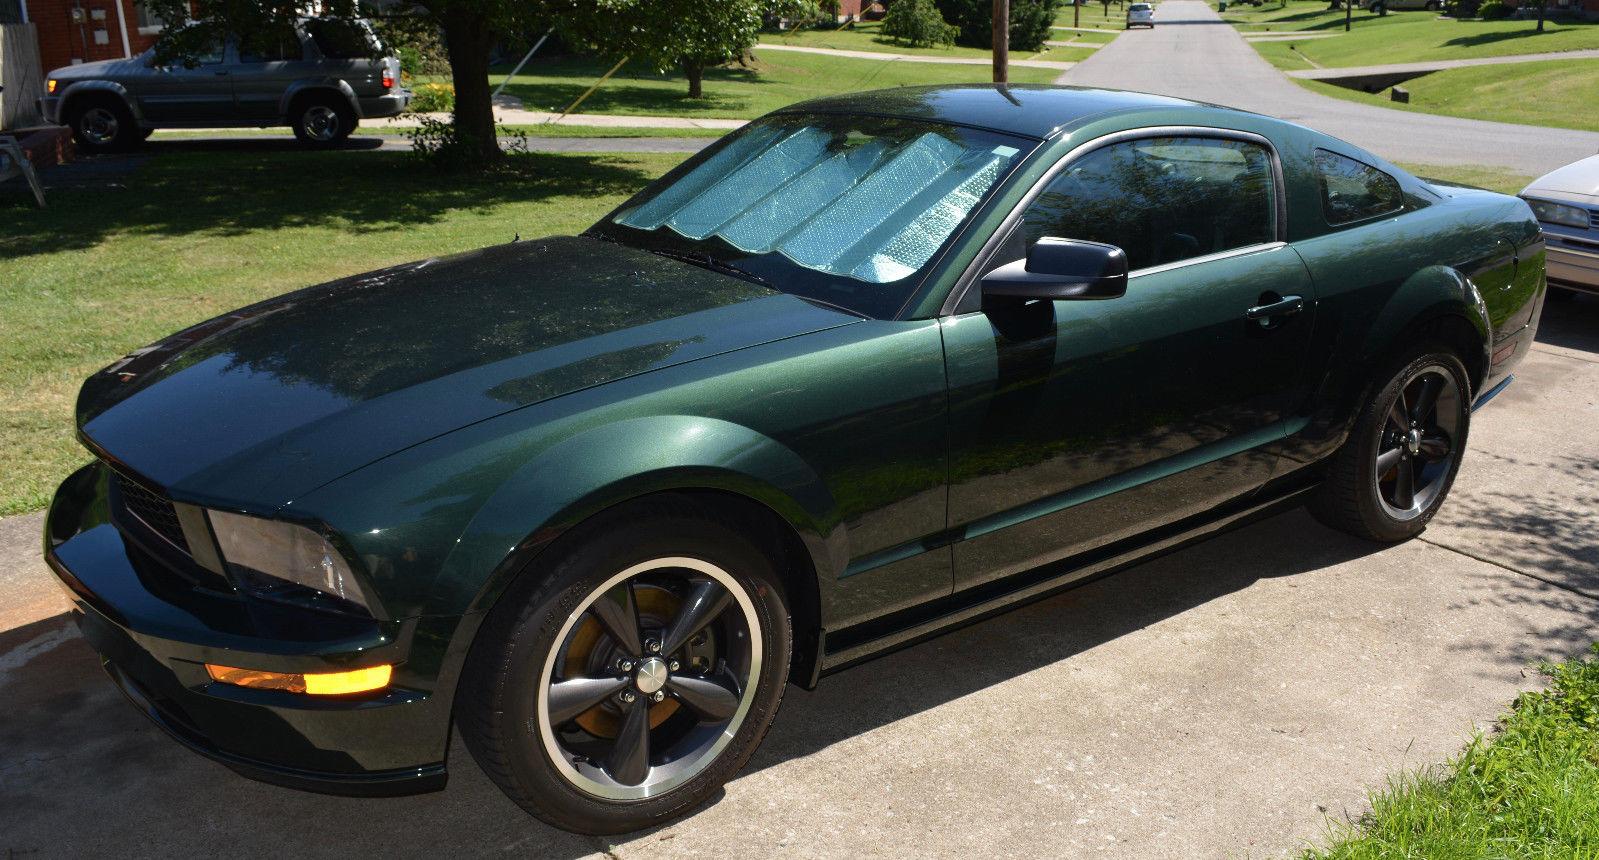 Great 2008 Ford Mustang Gt 2008 Bullitt Edition Ford Mustang Gt 0147 15k Miles Dark Highland Green 2018